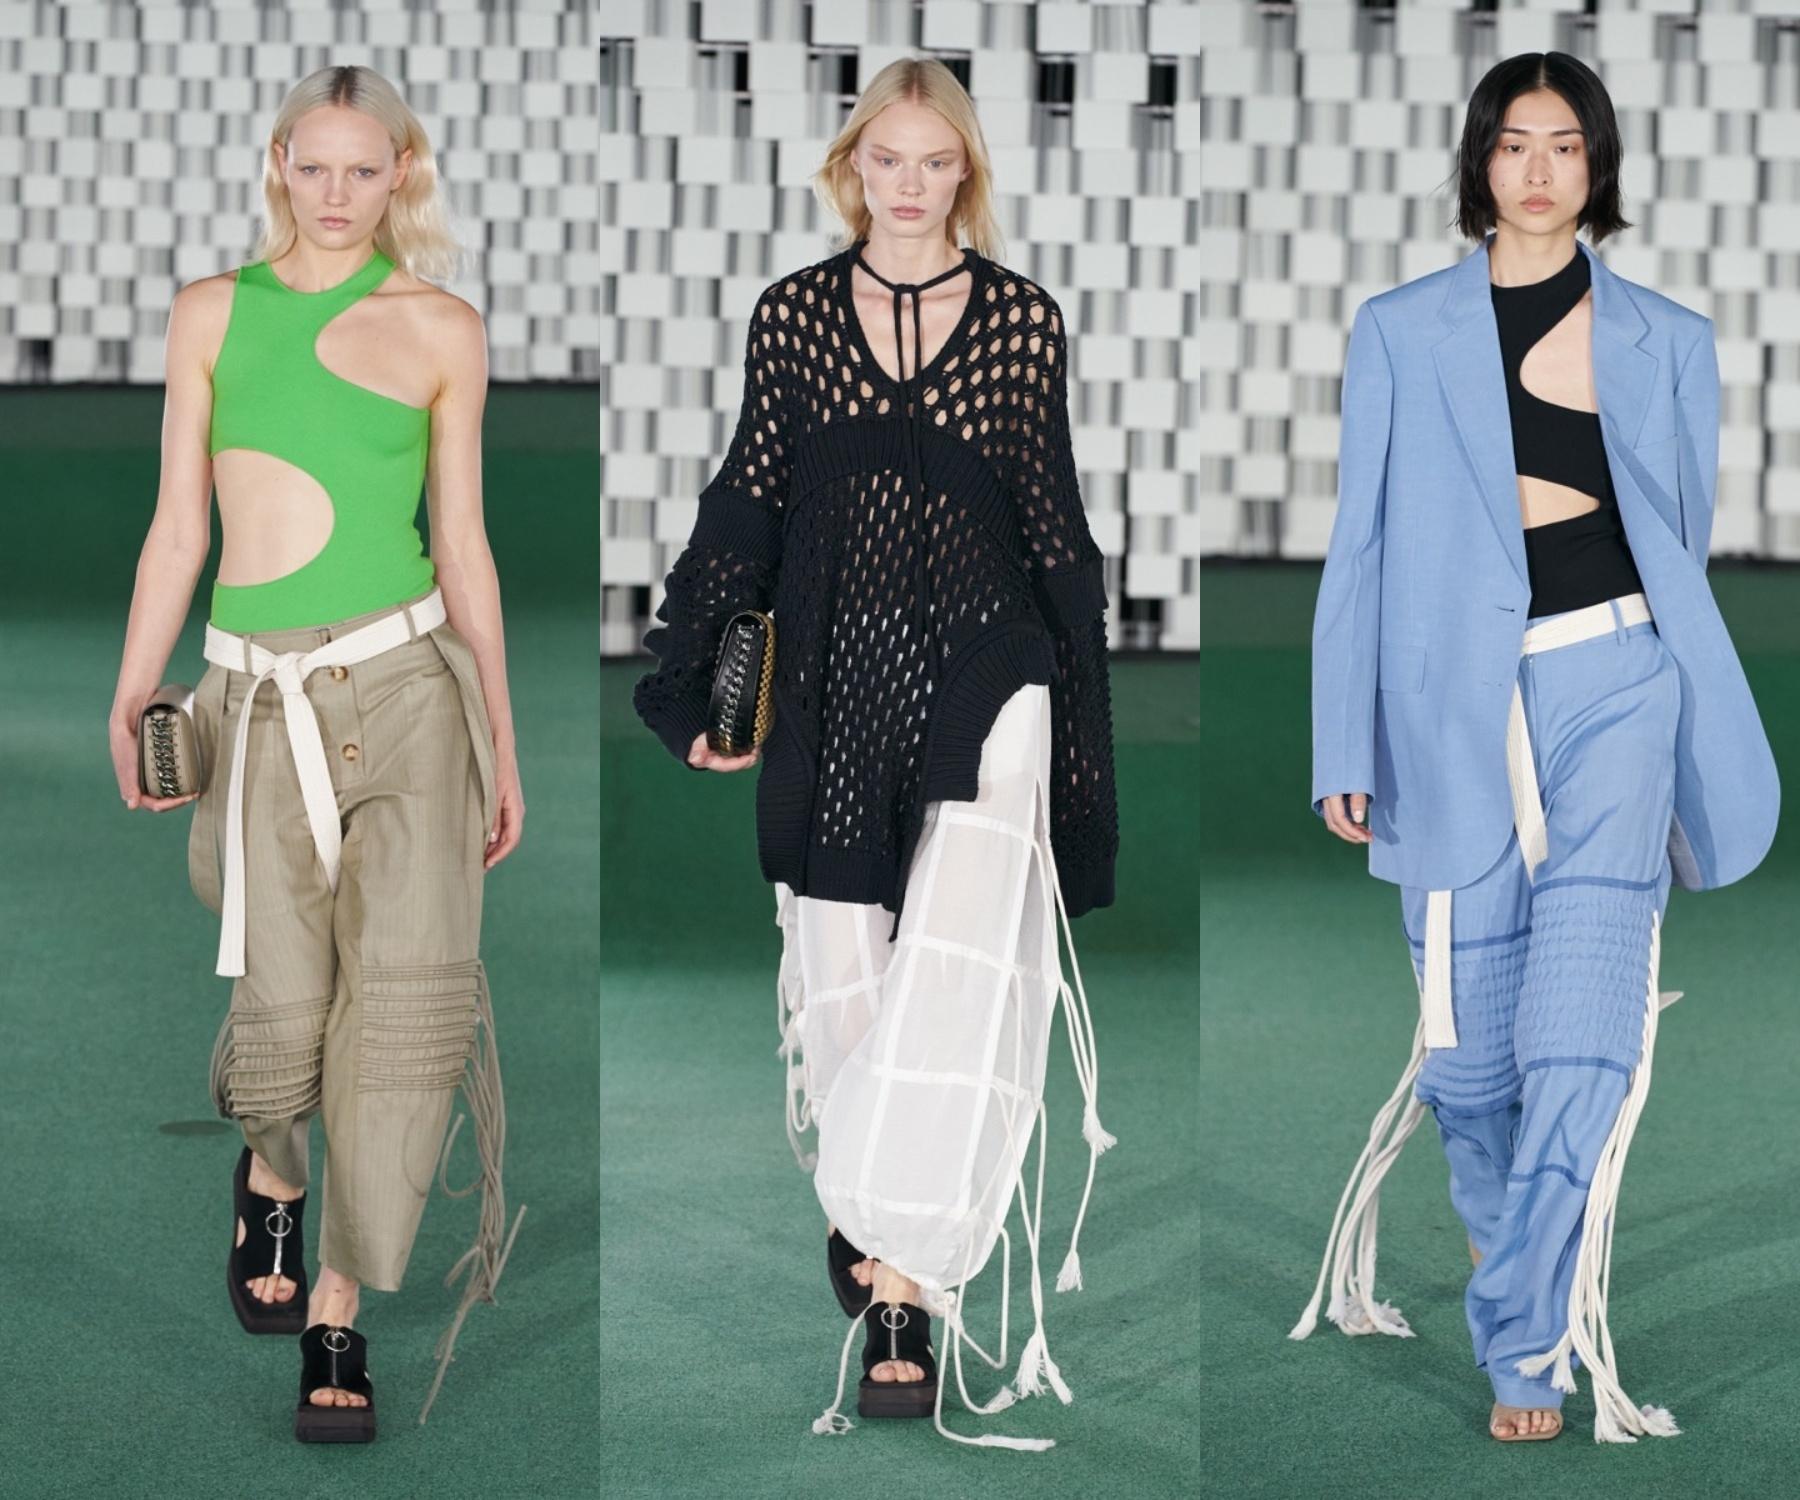 Неделя моды в Париже: подборка самых интересных коллекций — от Chanel до Balenciaga (ФОТО) - фото №6